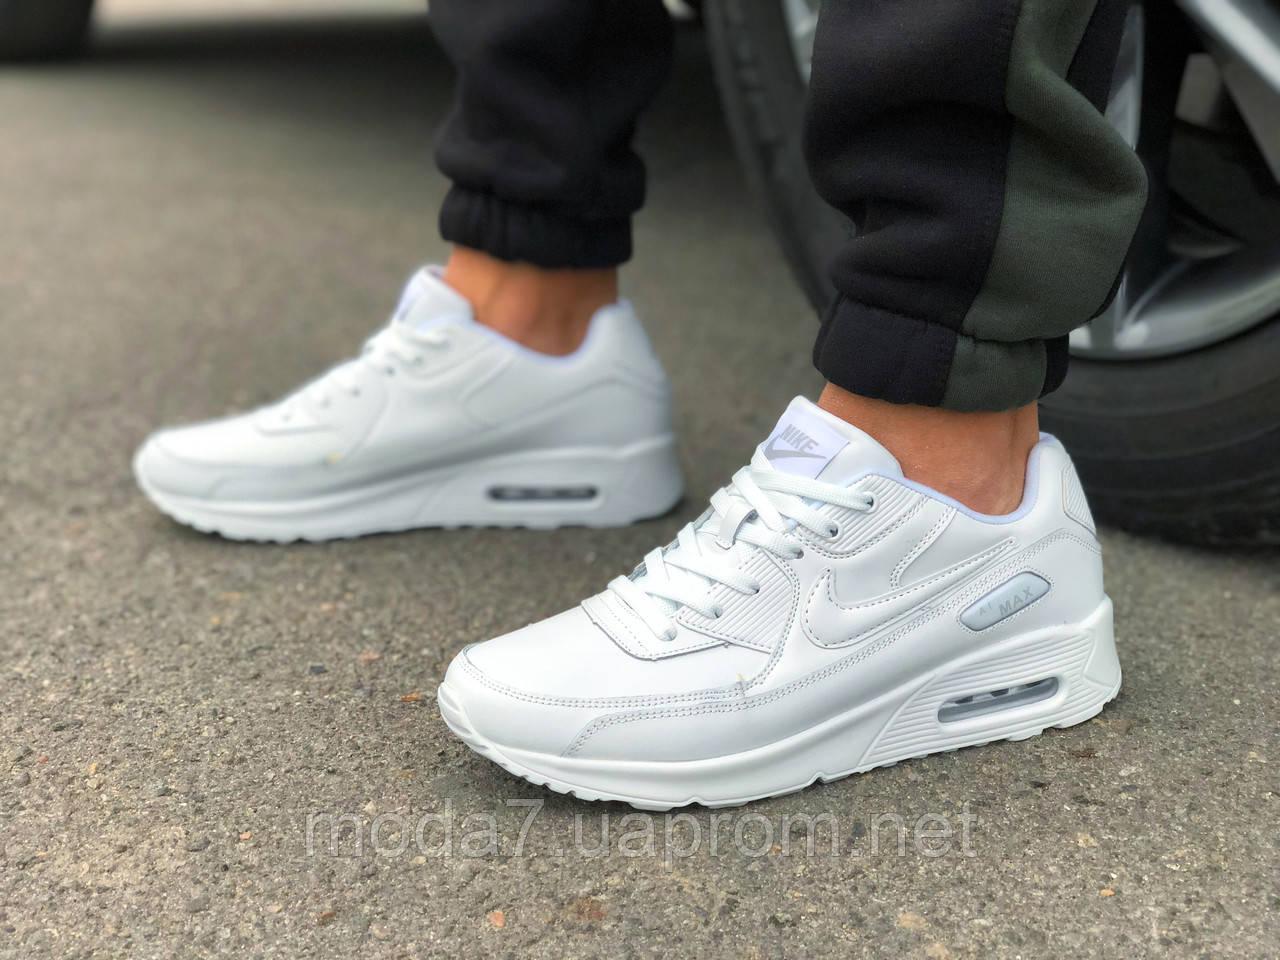 Кроссовки мужские белые Nike Air Max 90 кожа реплика